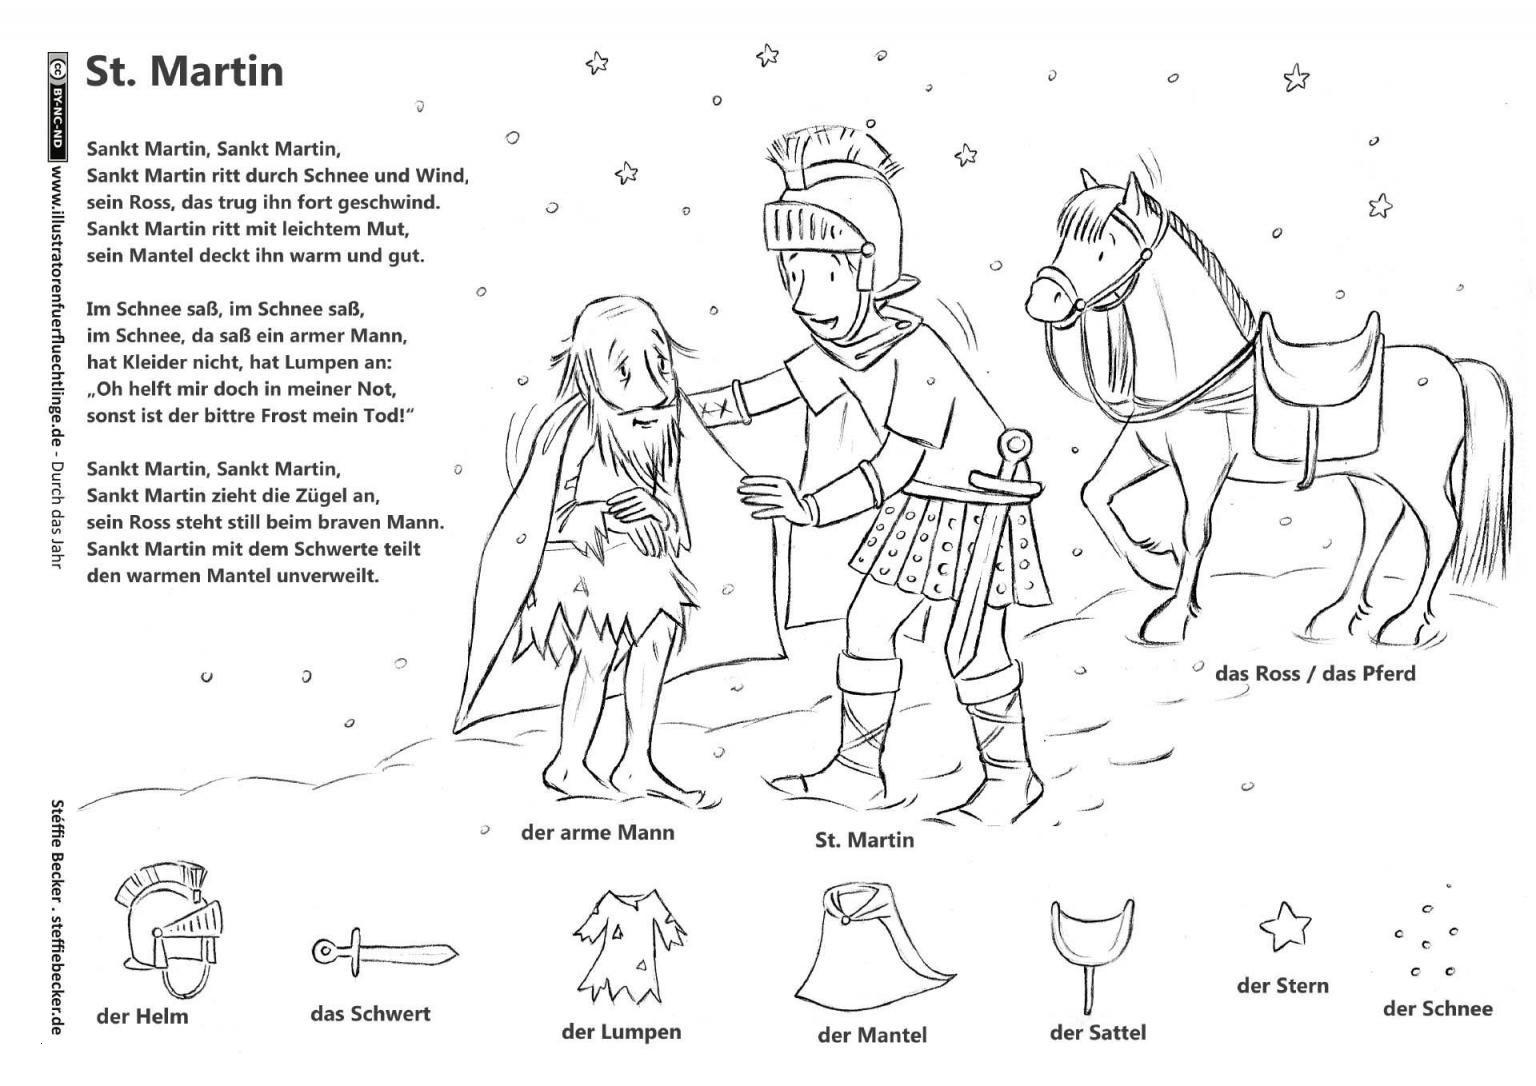 Anime Girl Ausmalbilder Genial 40 Bayern Ausmalbilder forstergallery Das Bild